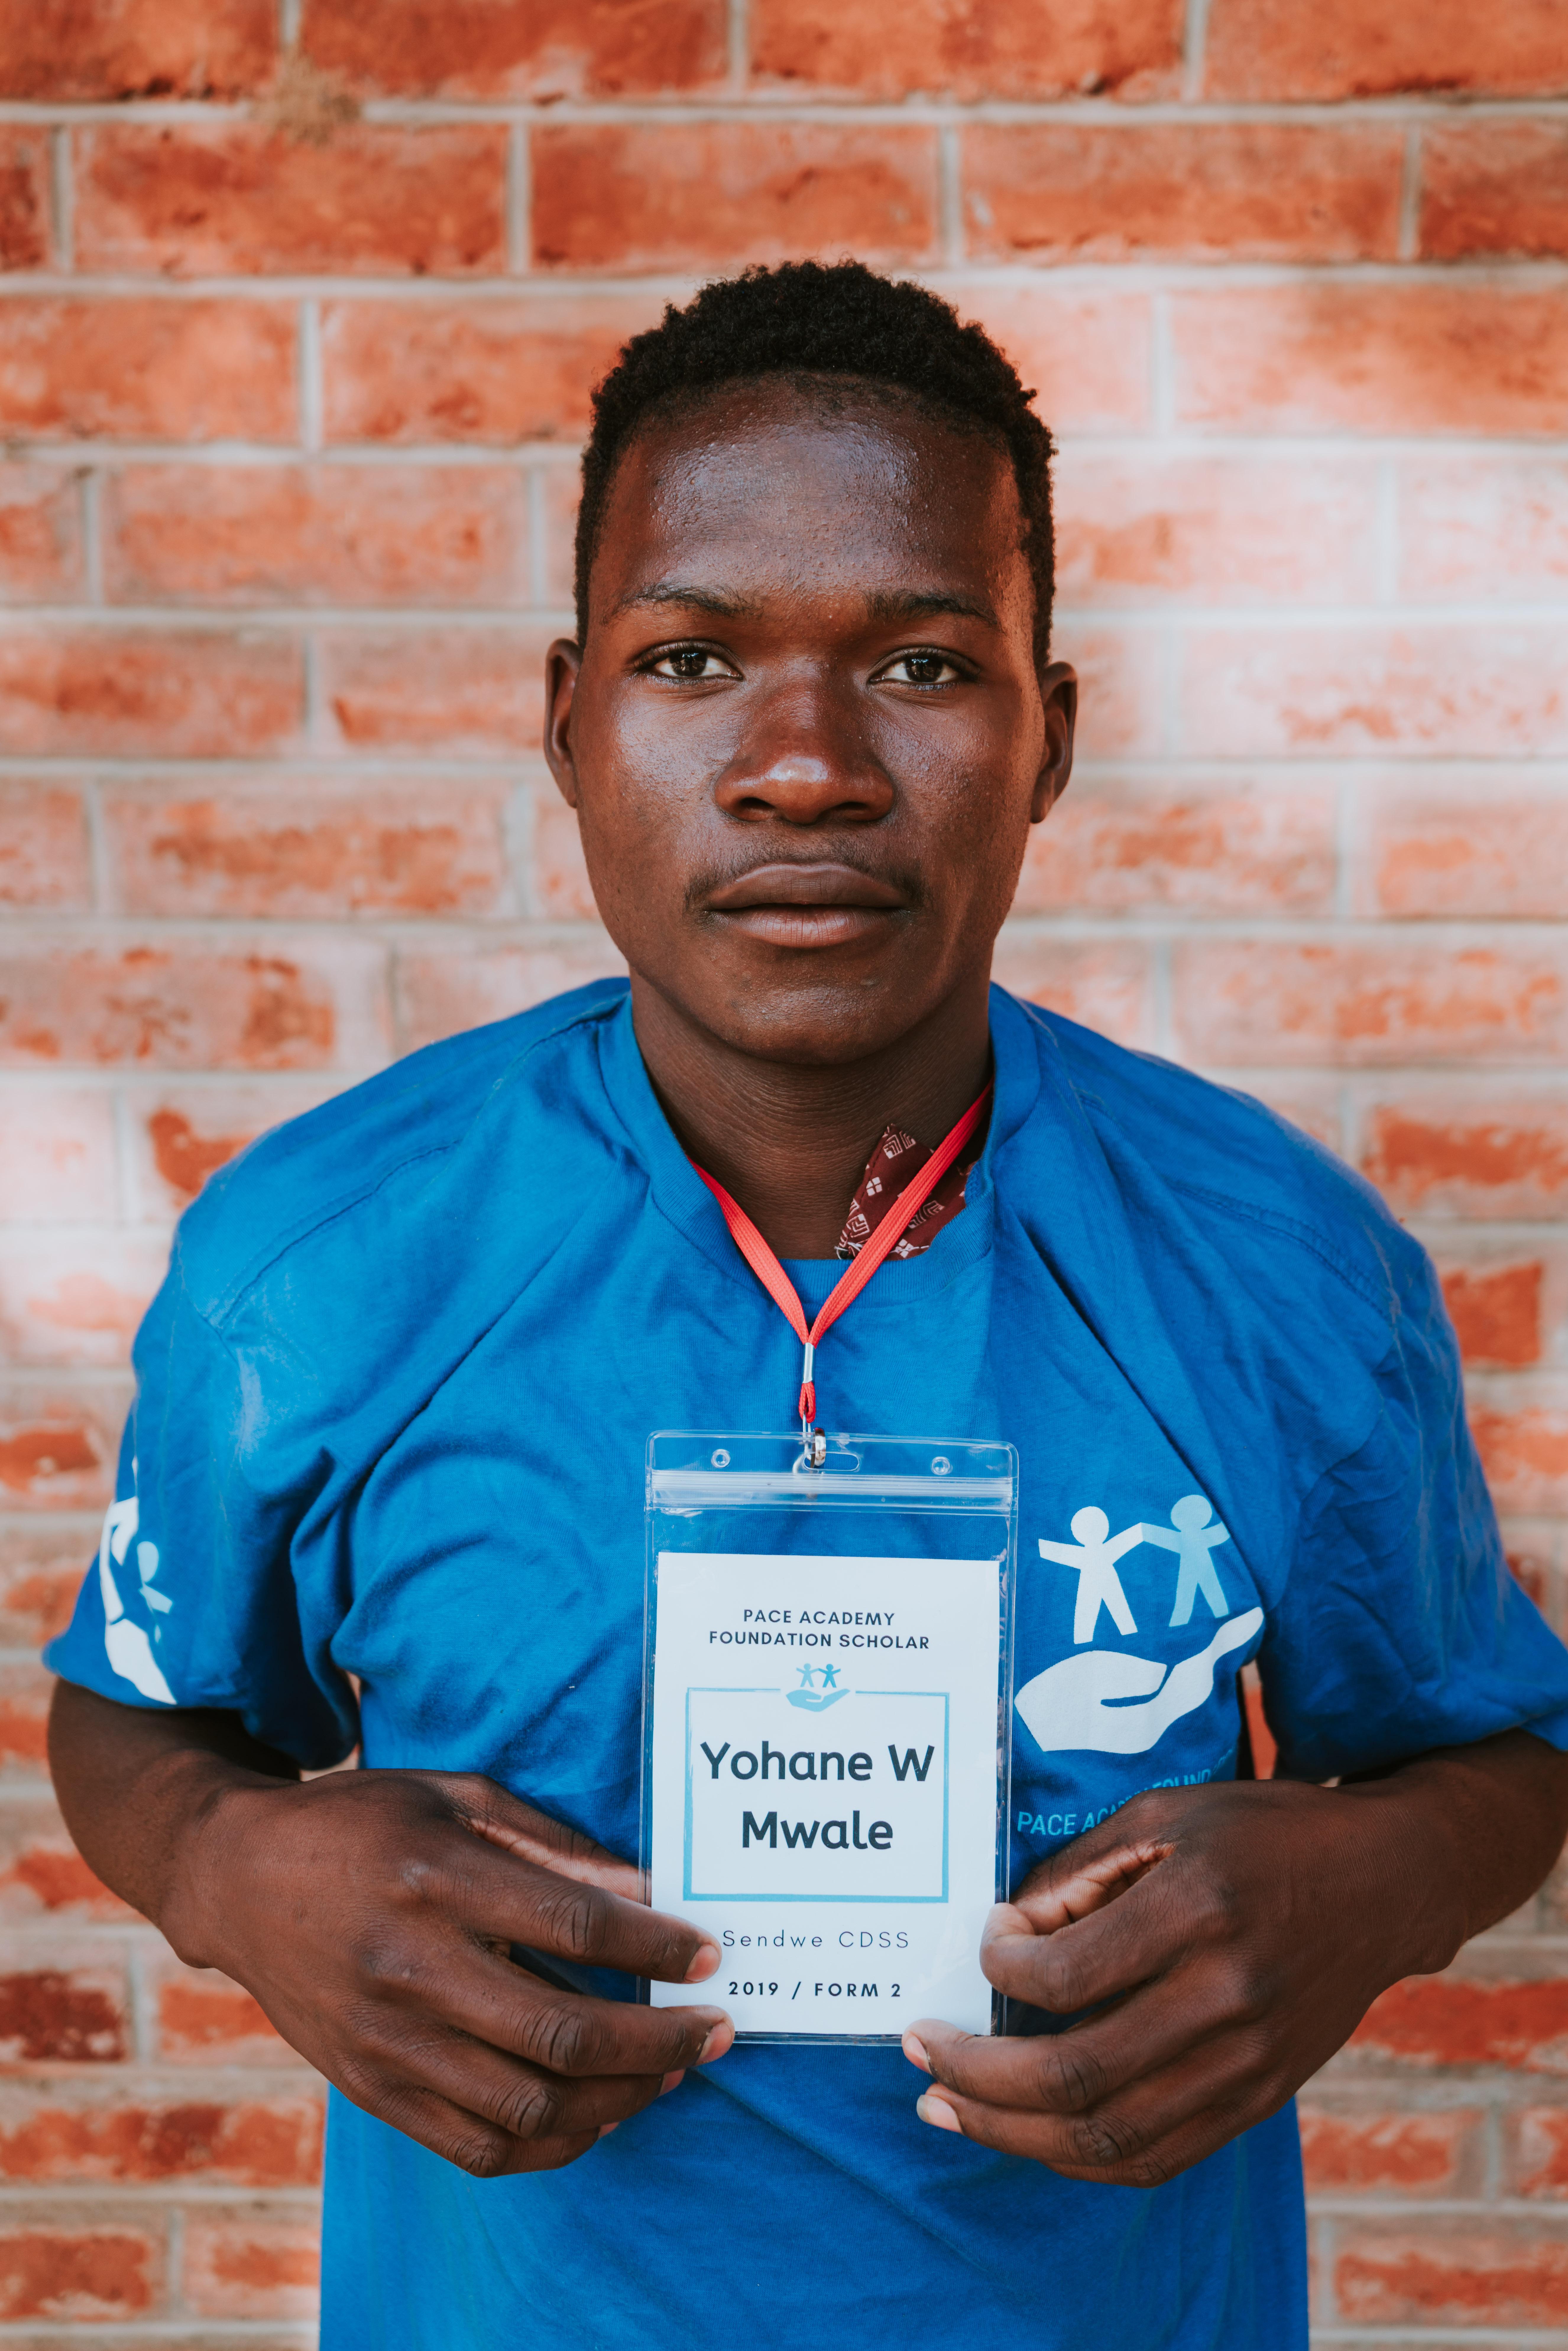 Yohane W Mwale (Sendwe CDSS)